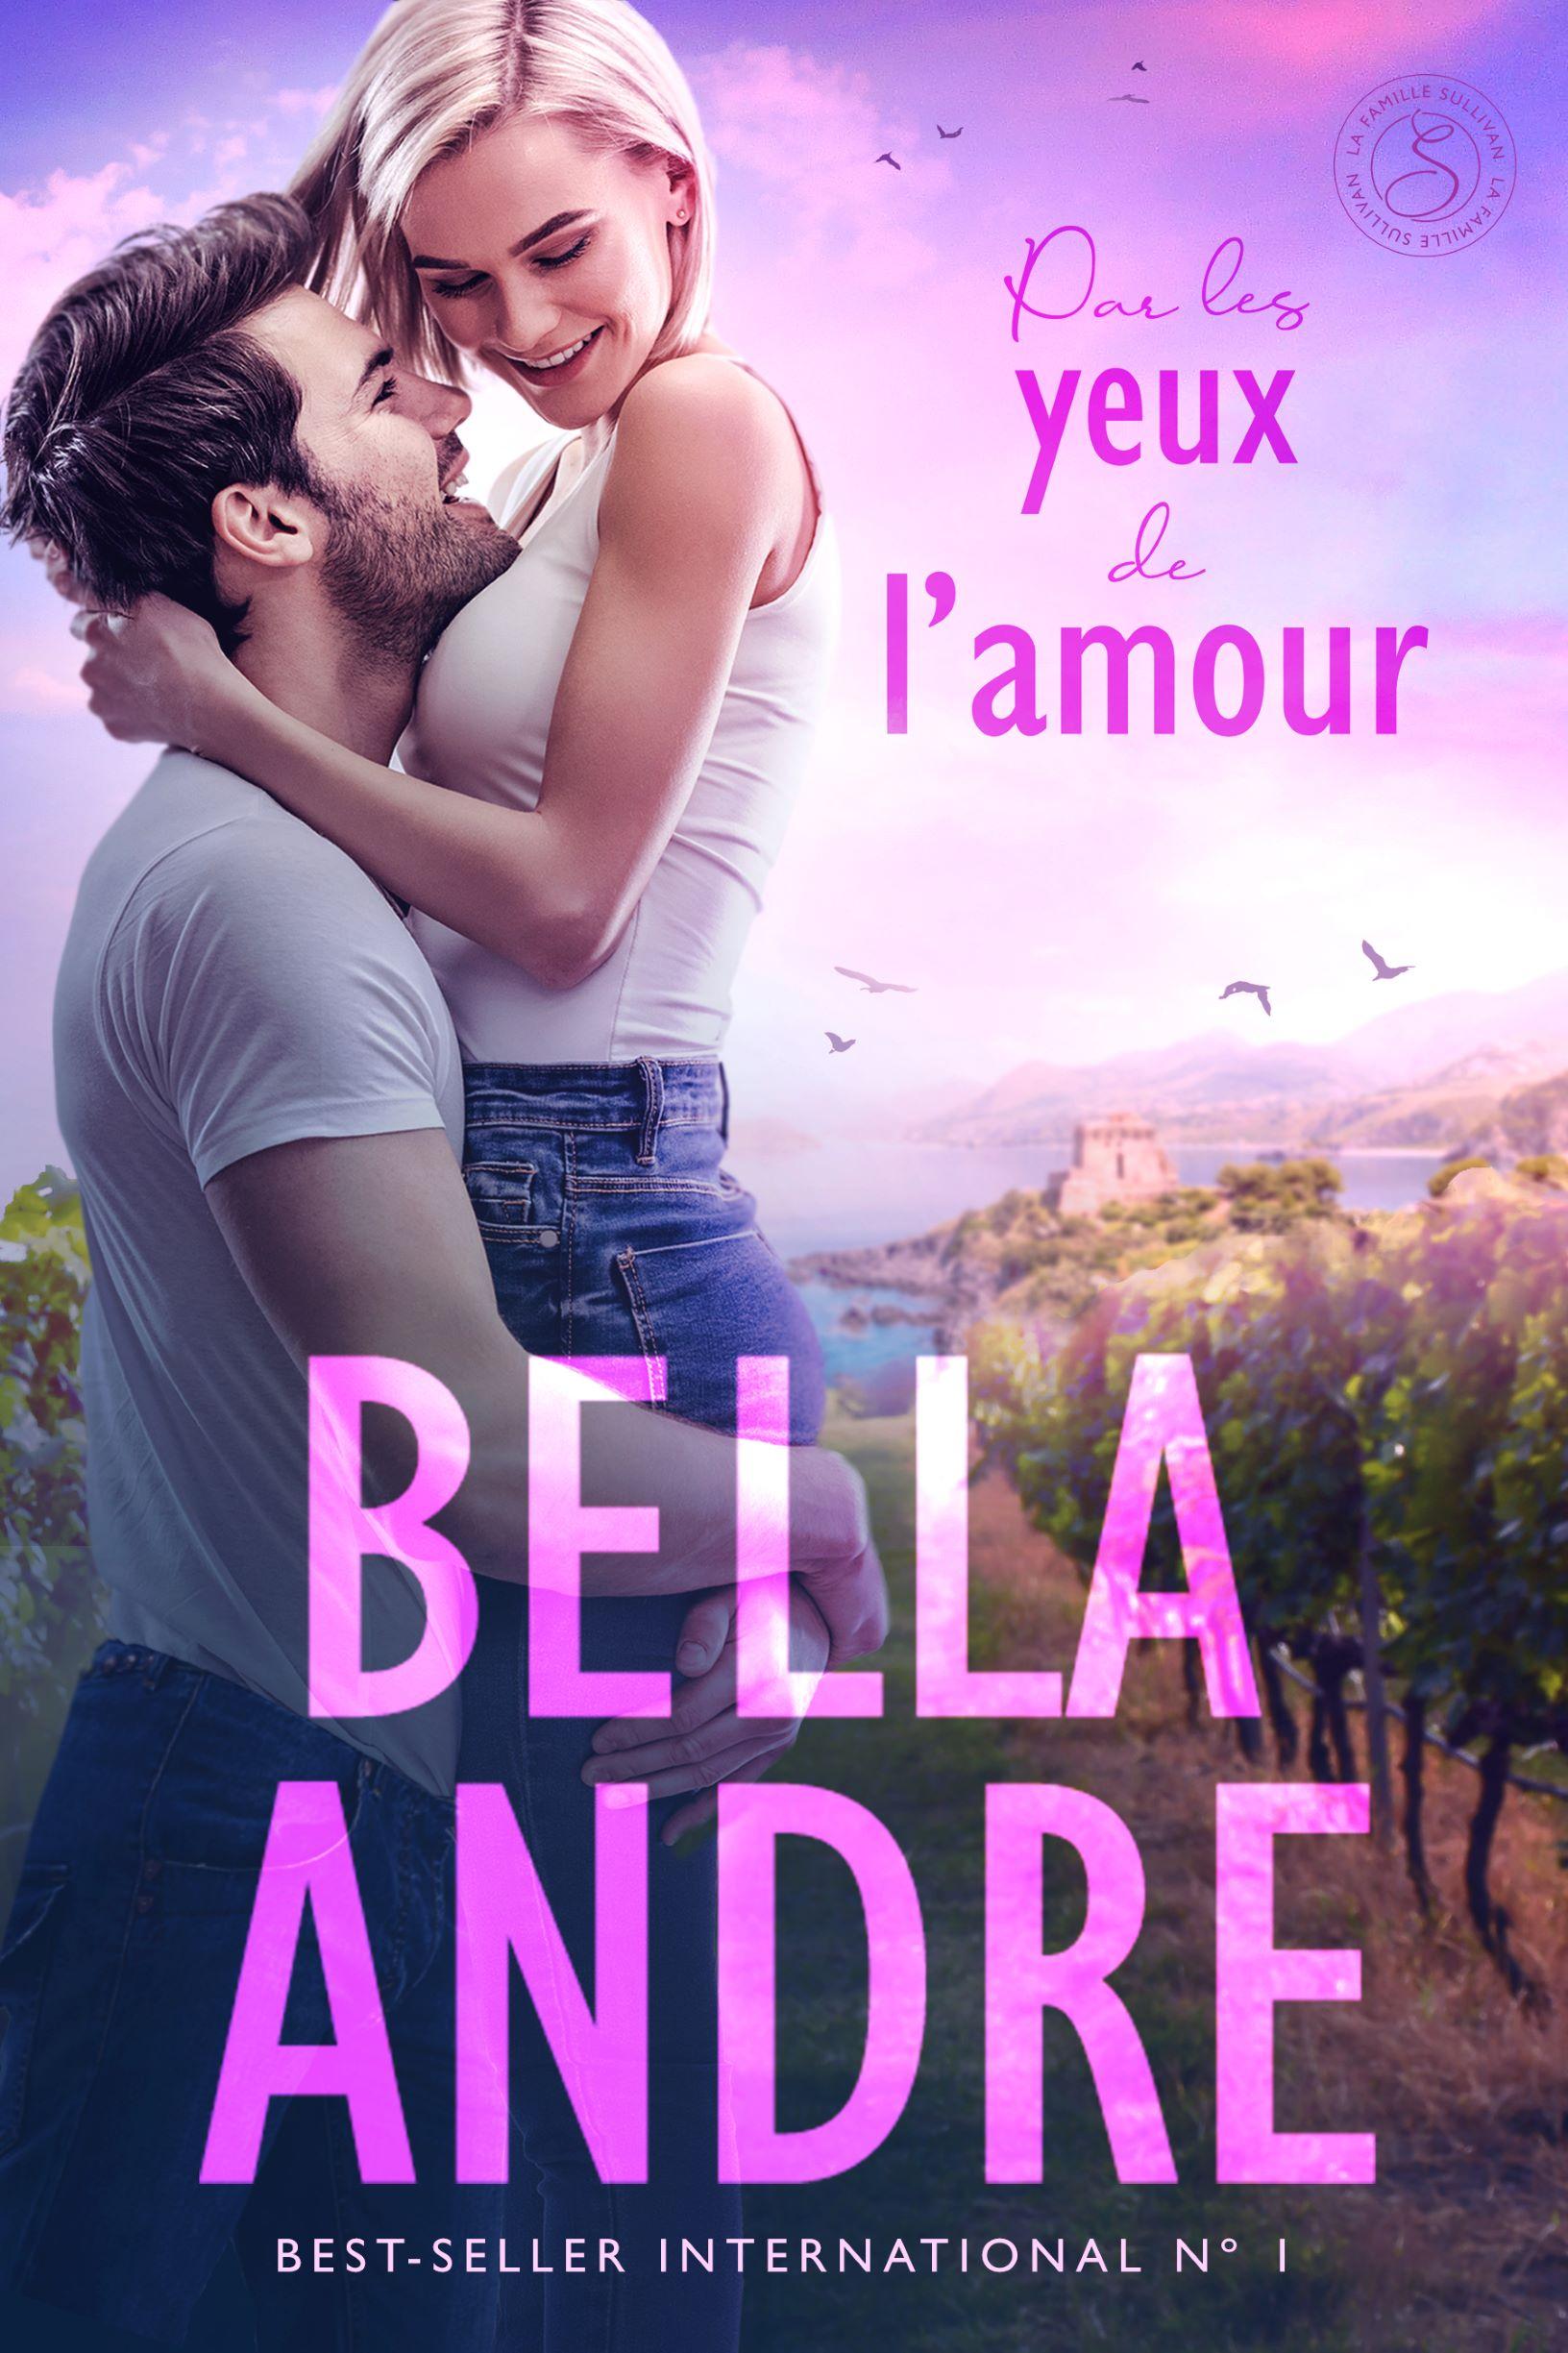 Les Yeux De L Amour : amour, L'amour, Bella, Andre